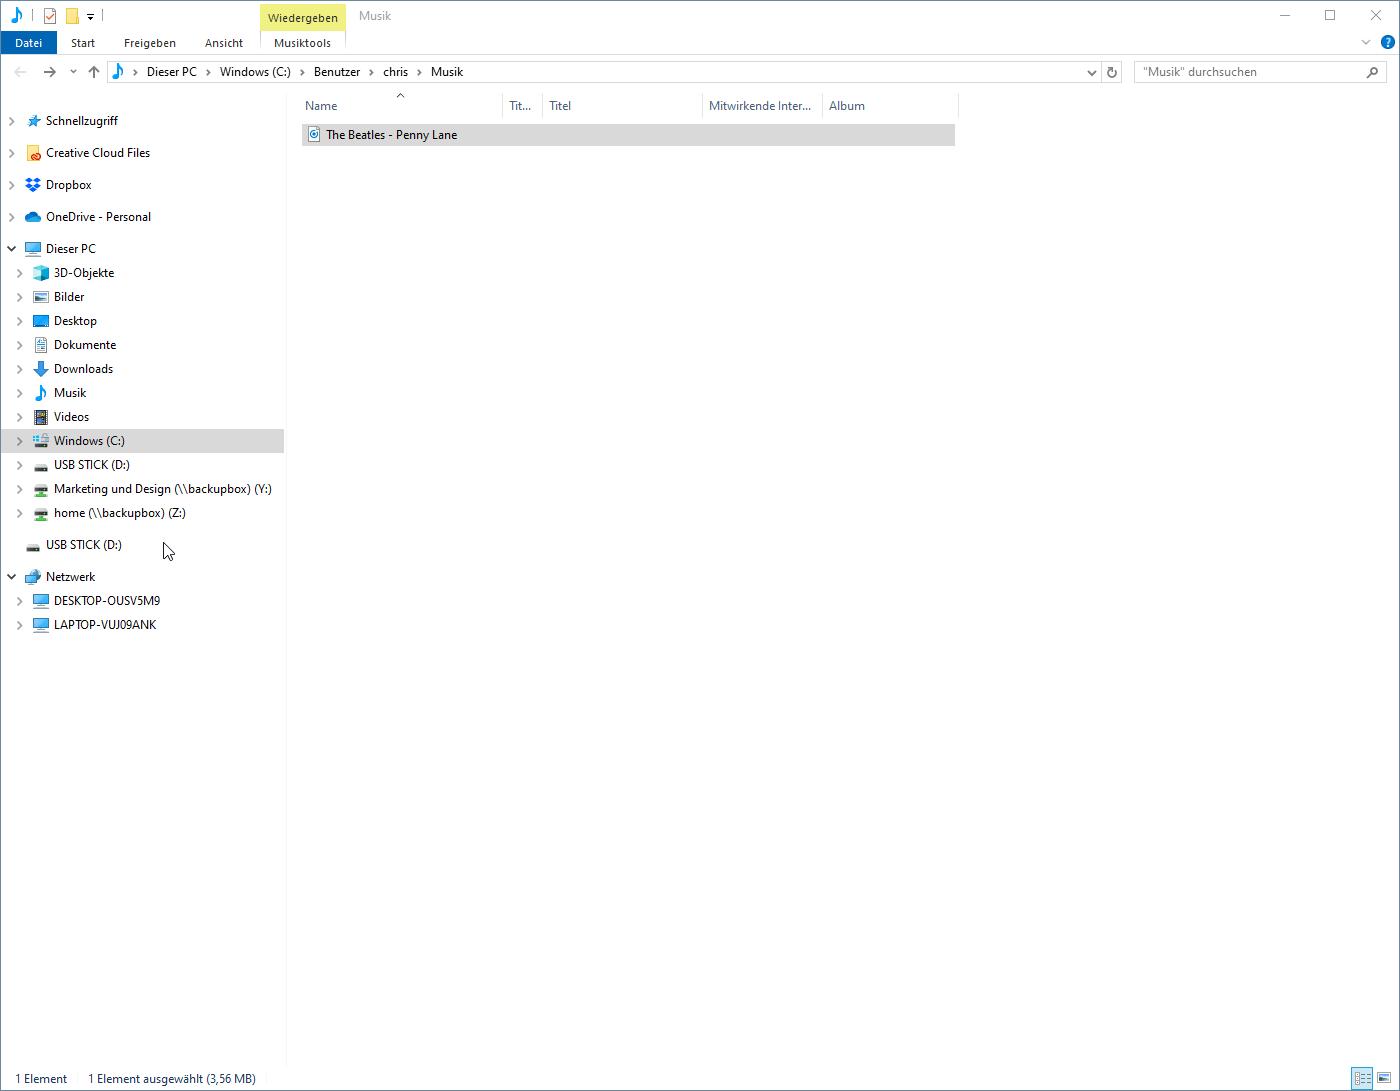 Youtube Musik auf USB Stick laden - Musikdateien auf USB Stick kopieren